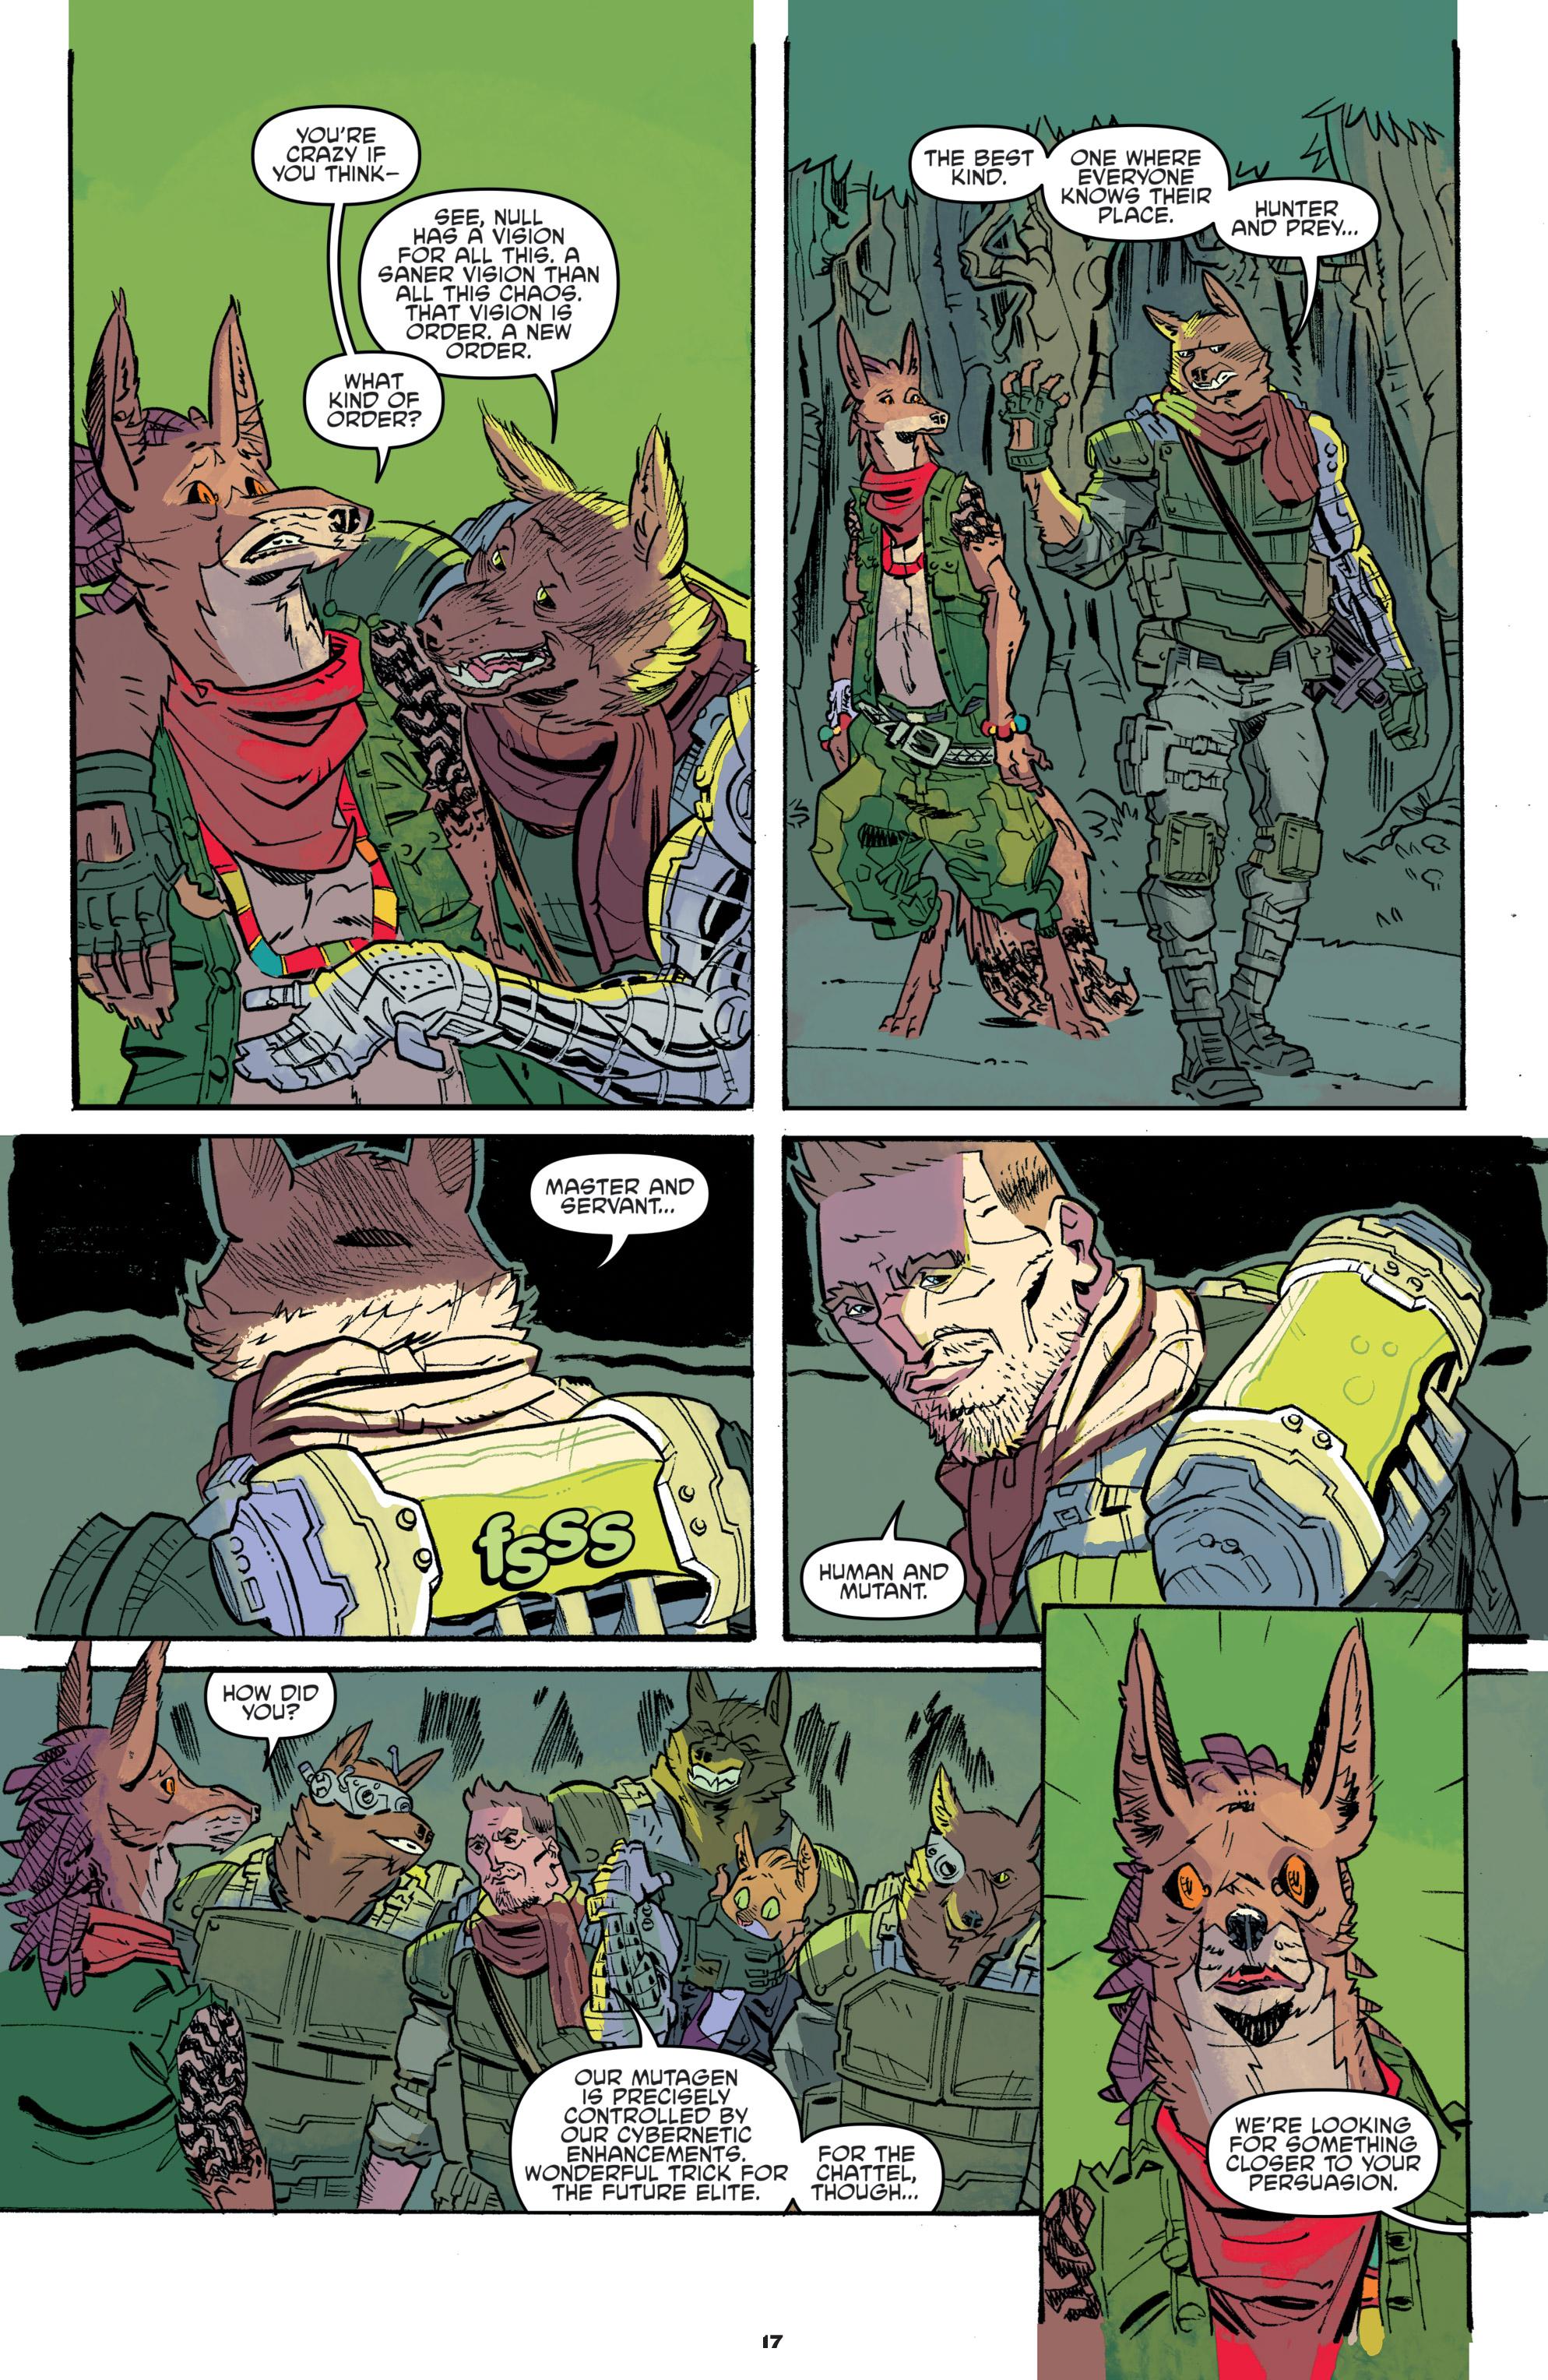 Read online Teenage Mutant Ninja Turtles Universe comic -  Issue #11 - 19